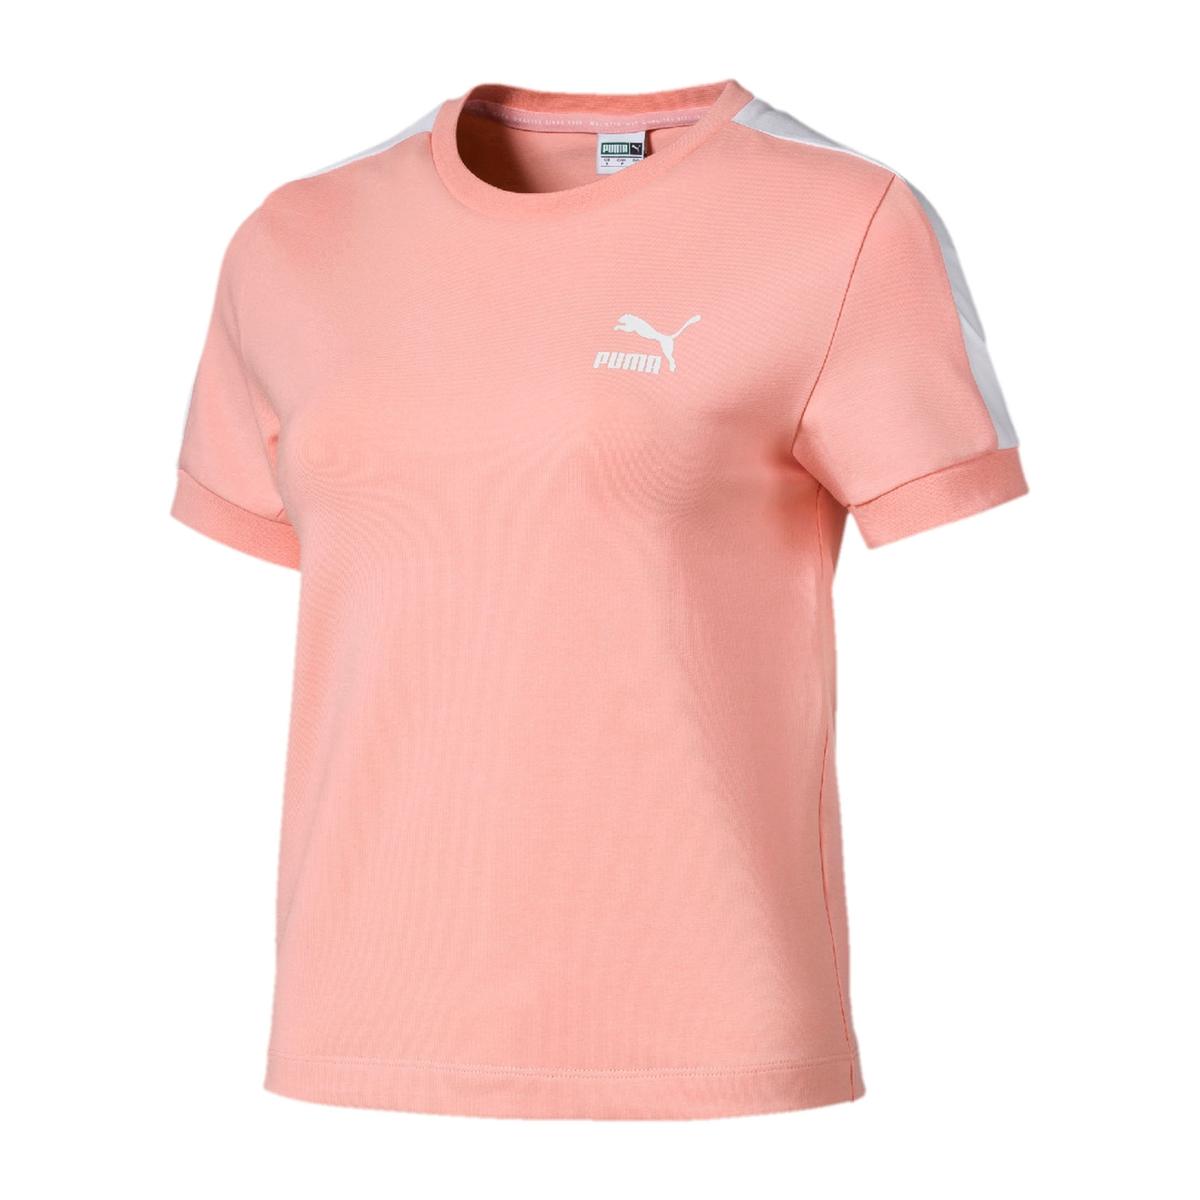 Imagen principal de producto de Camiseta Classics Tight T7 - Puma